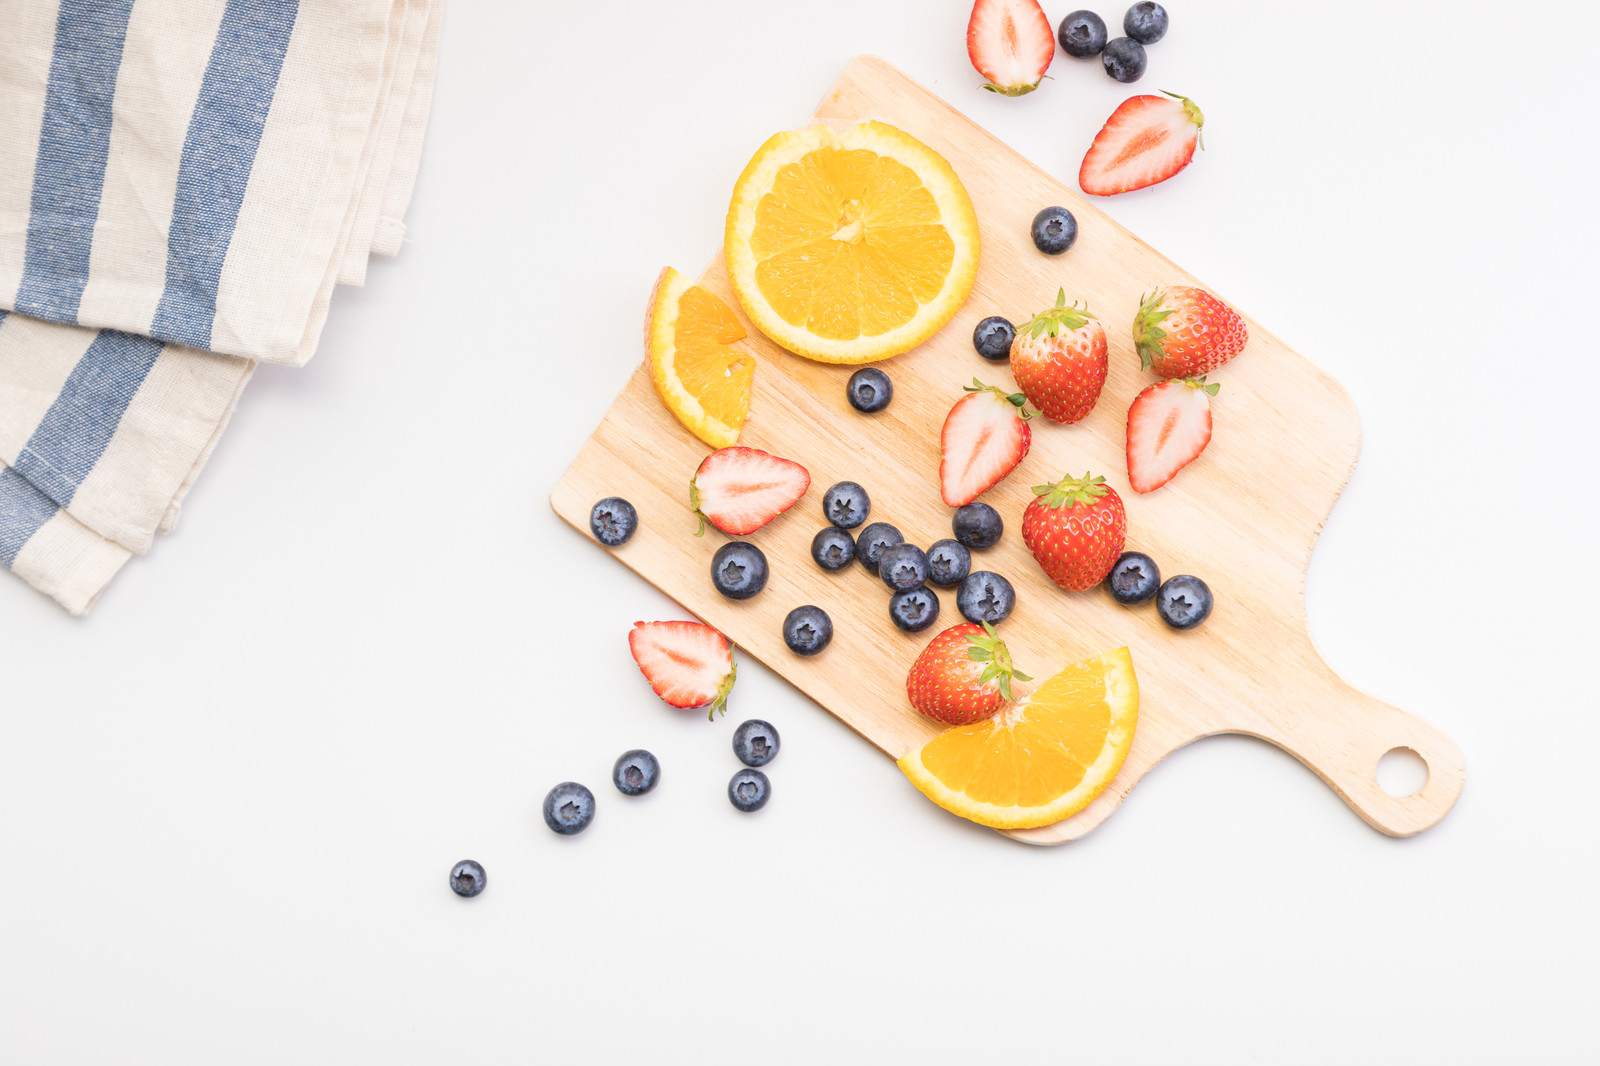 「まな板に散らばったカットフルーツ」の写真